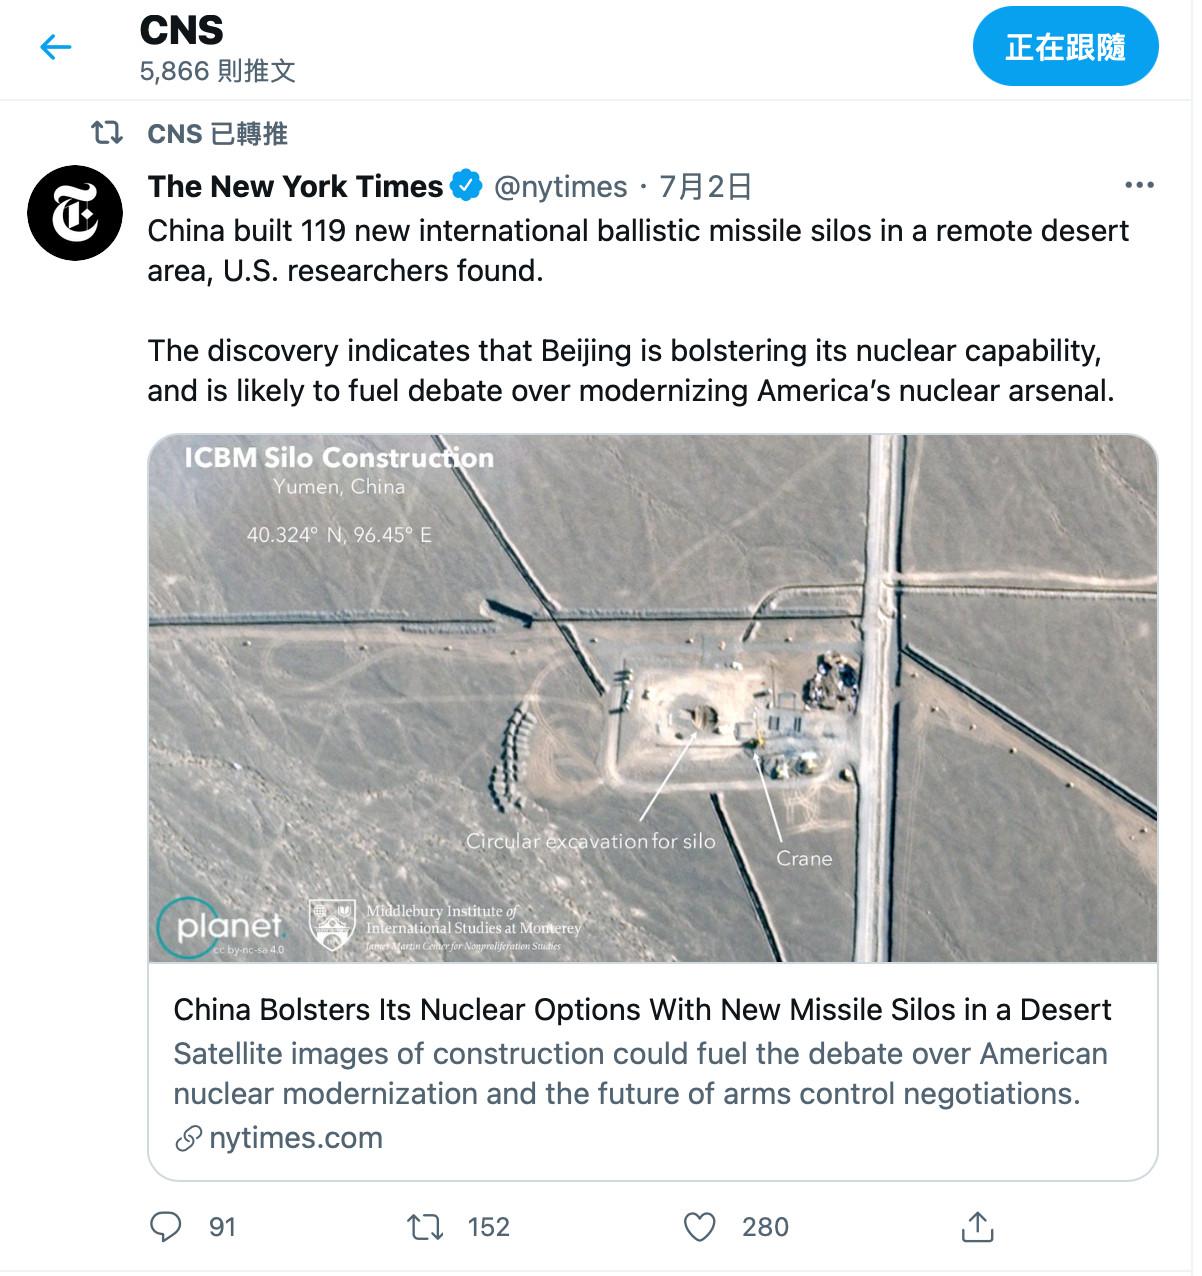 中國,飛彈,東風-41,美國,核武,核子彈